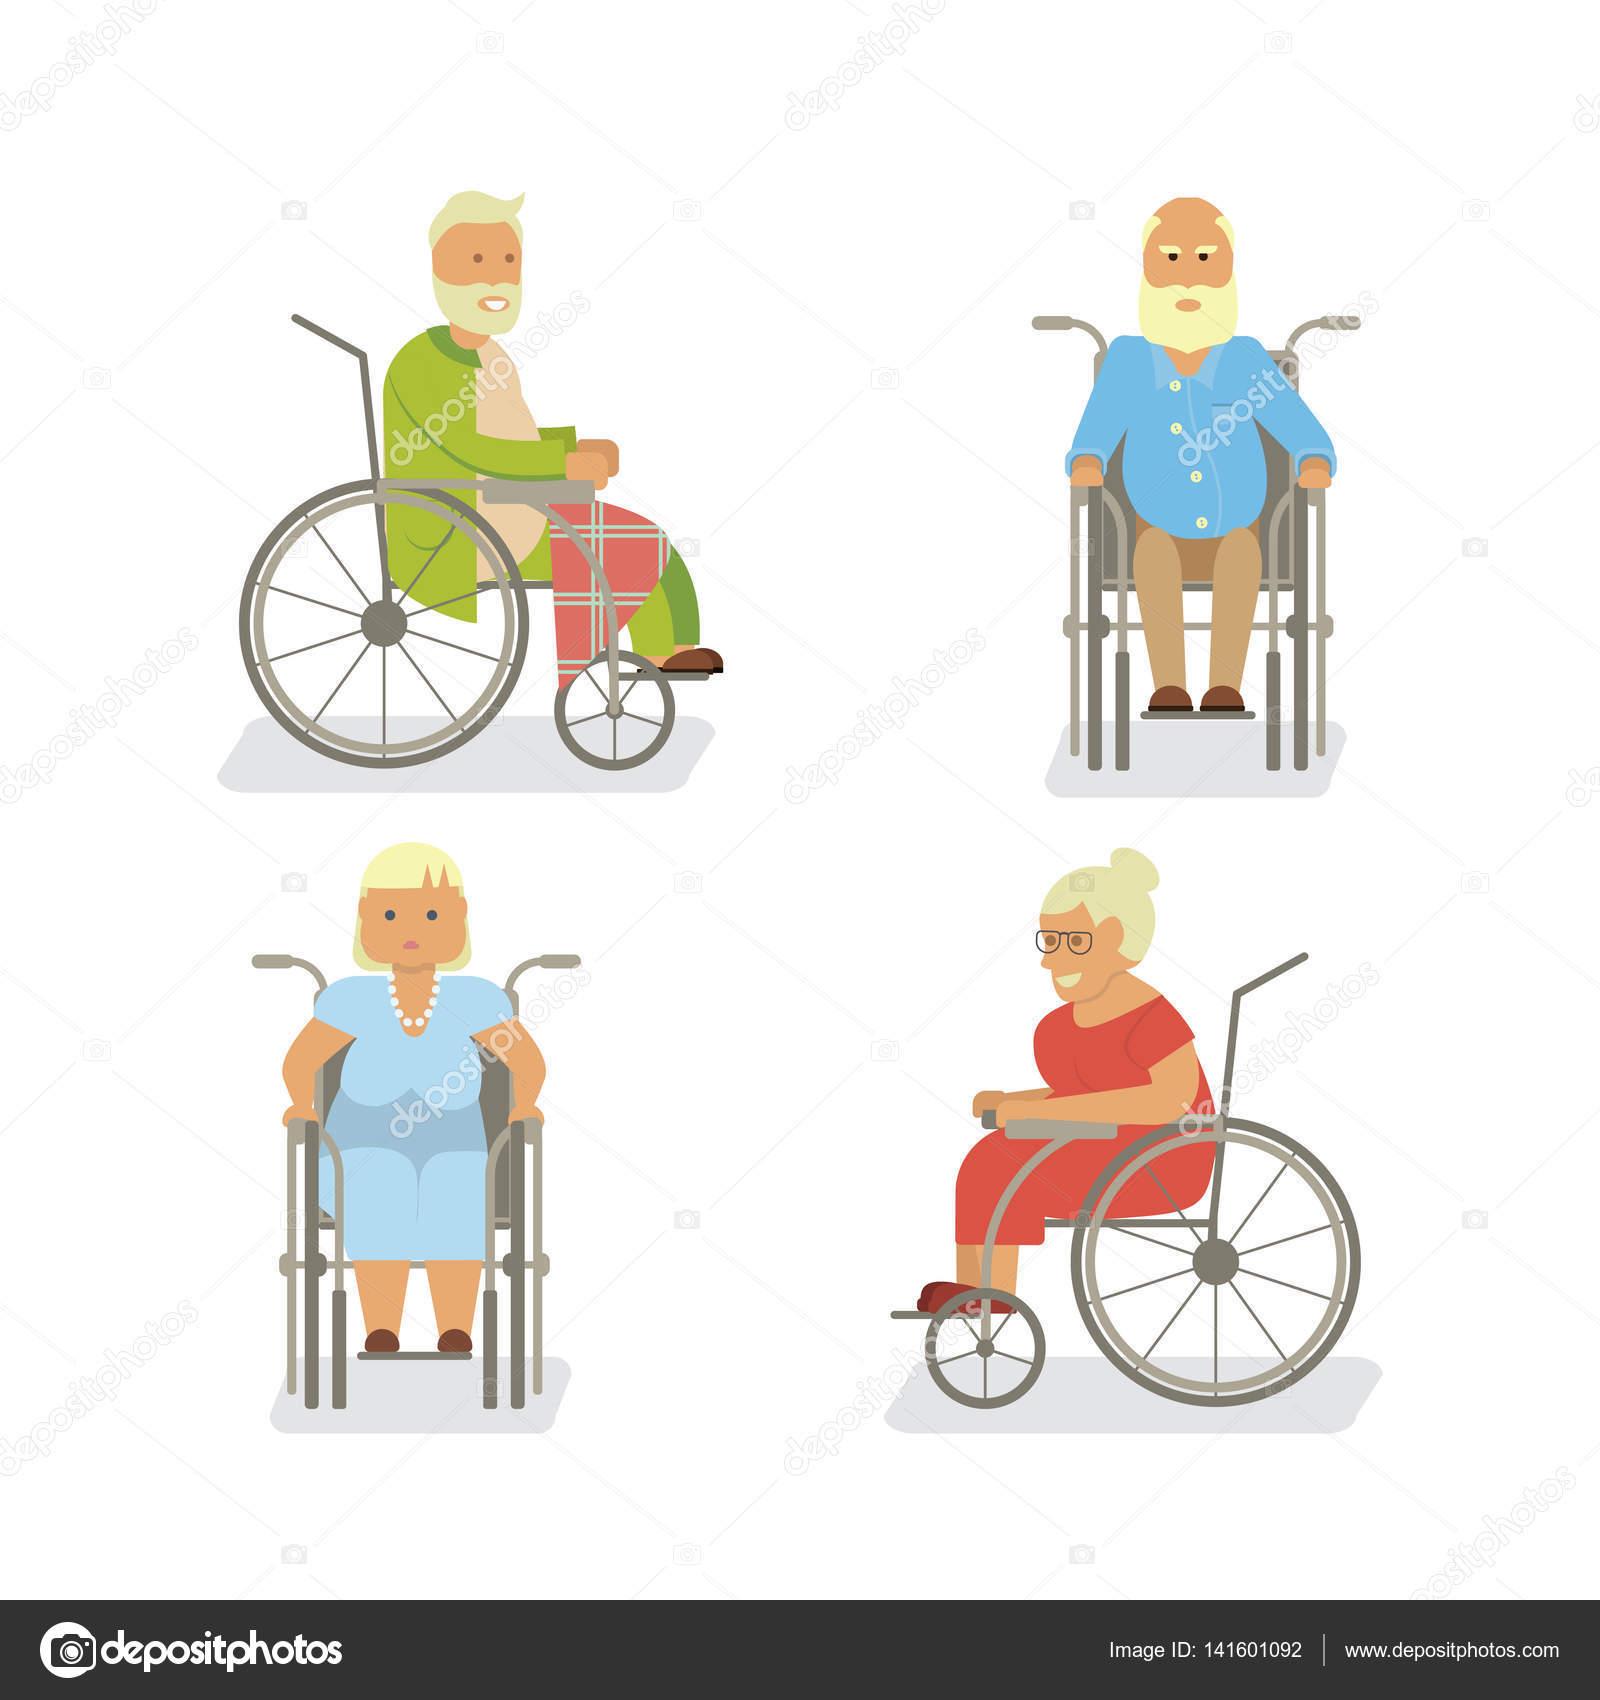 Chair exercise for seniors - Retired Elderly Seniors Royalty Free Stock Illustrations